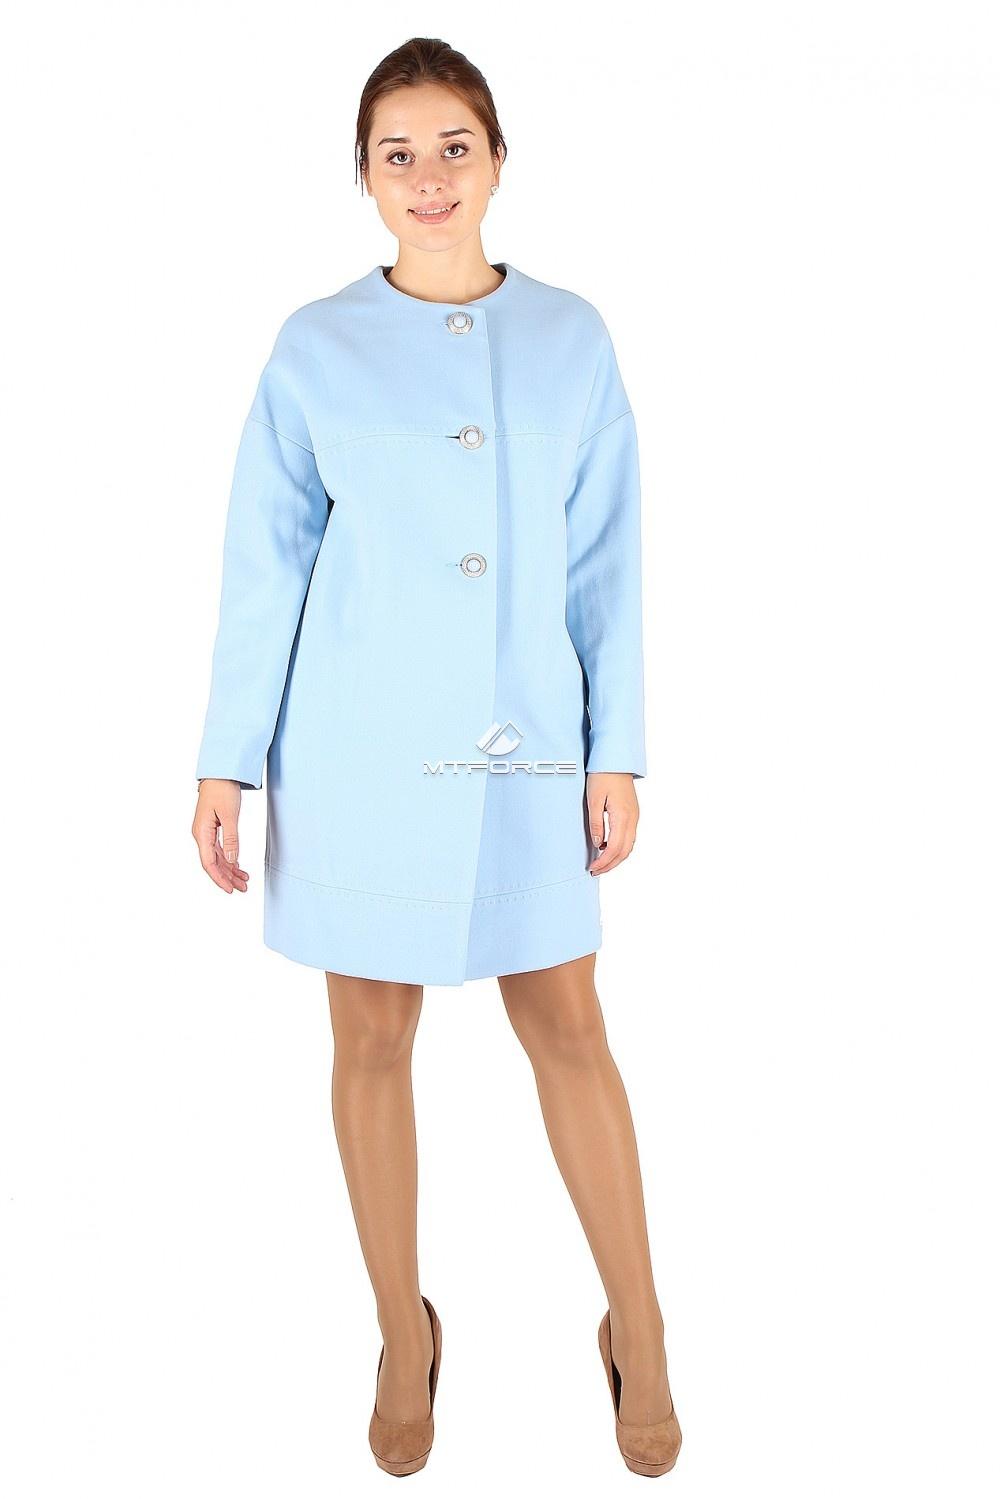 Купить                                  оптом Пальто женское голубого цвета 369Gl в Санкт-Петербурге